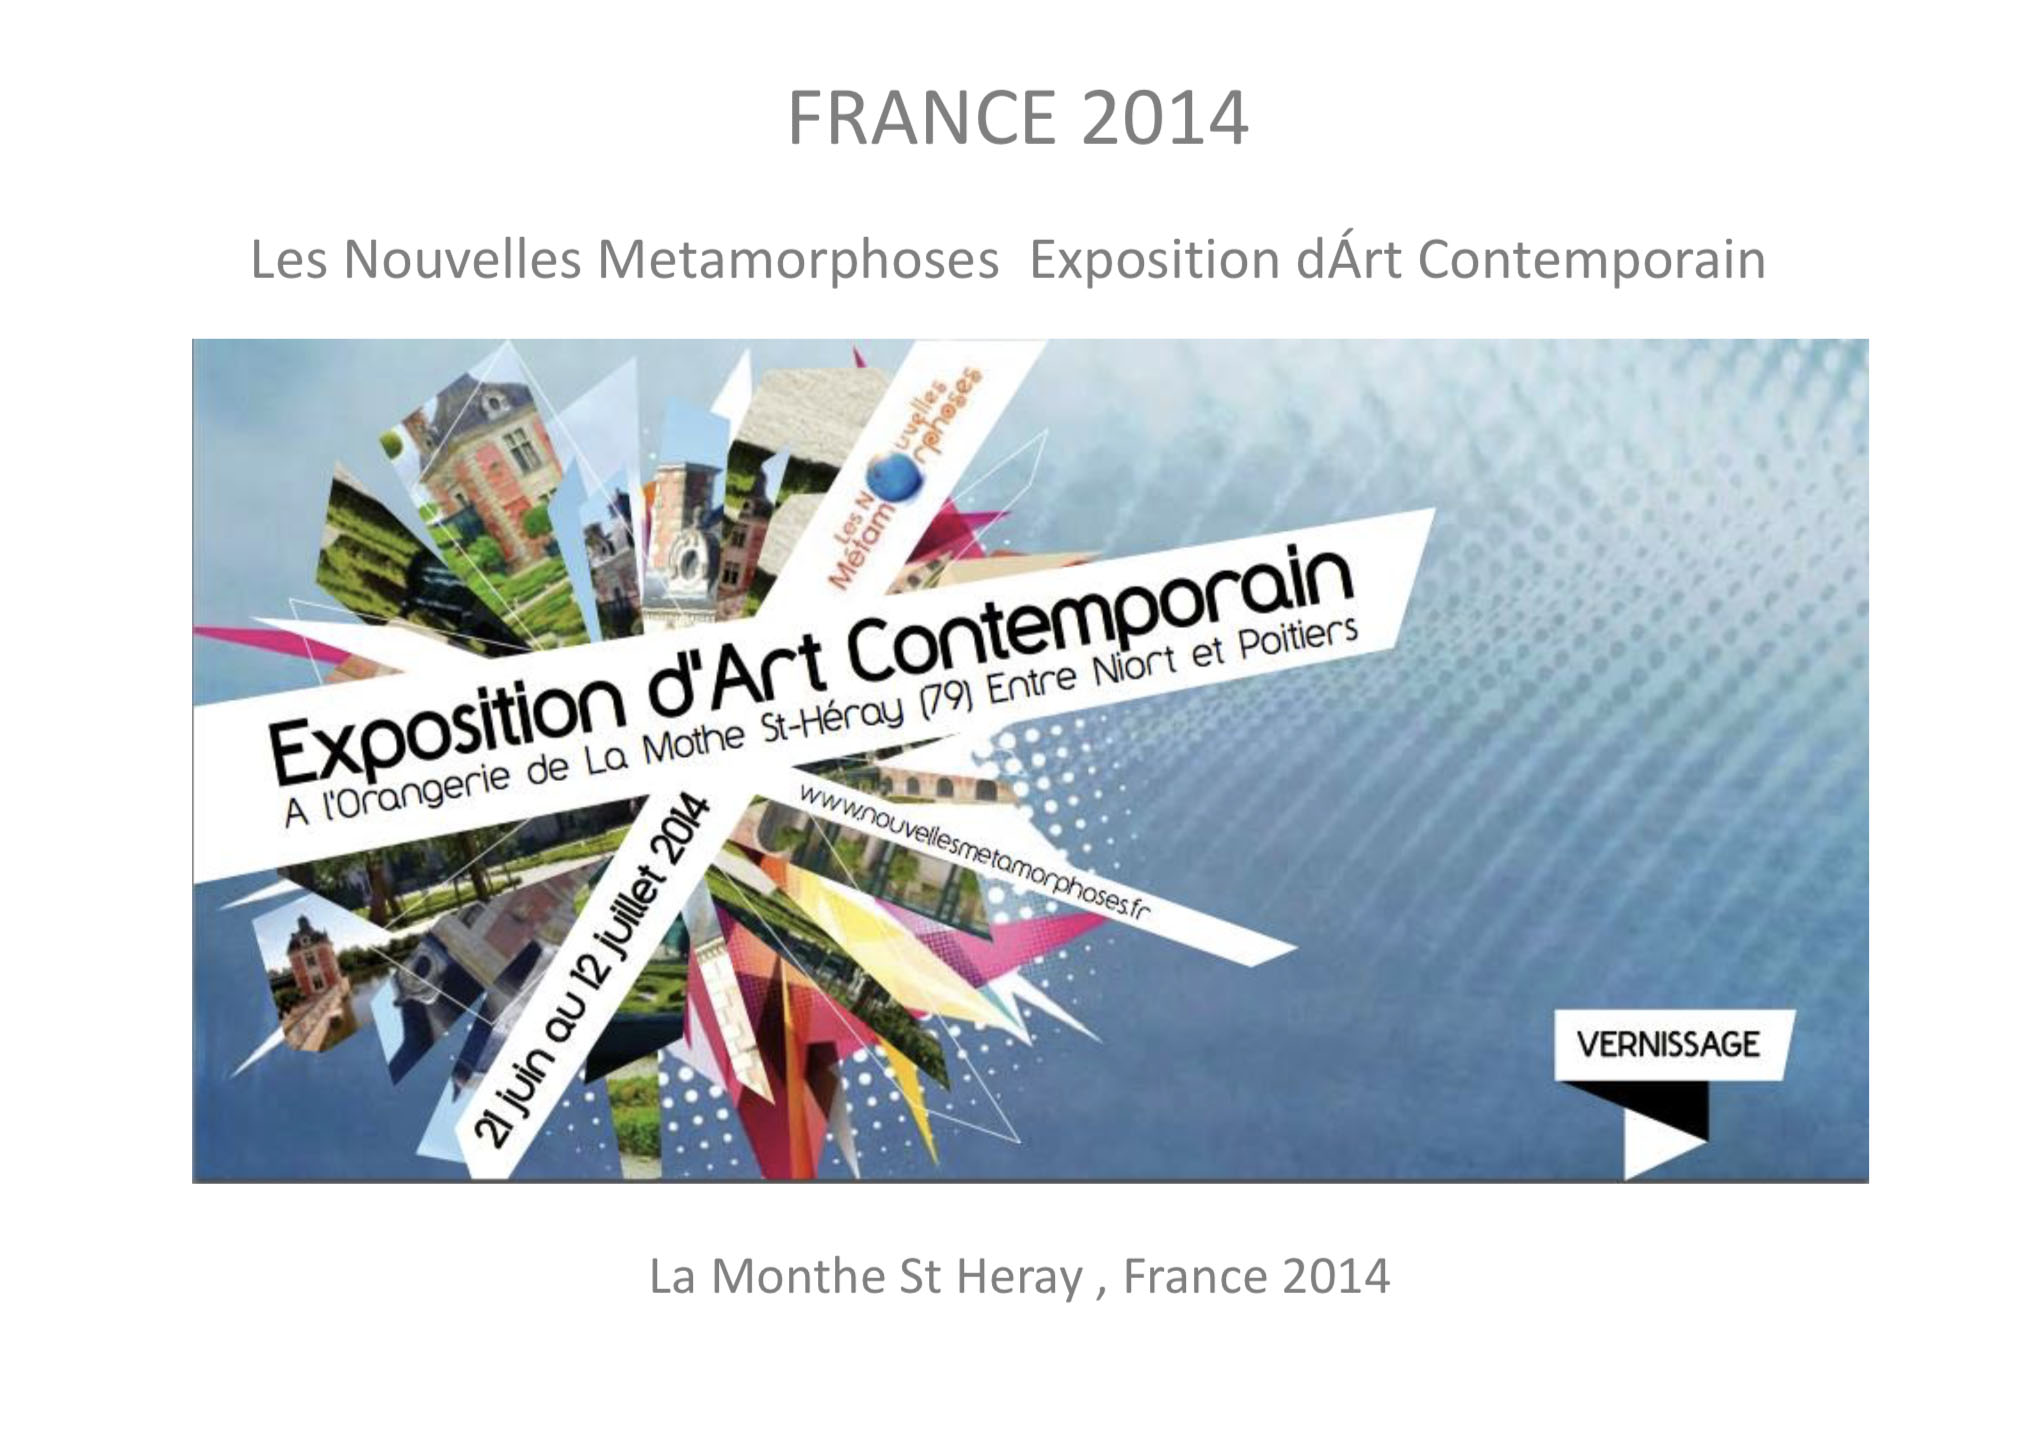 Jacobo Roa - Exposition d'Art Contemporain 1.jpg